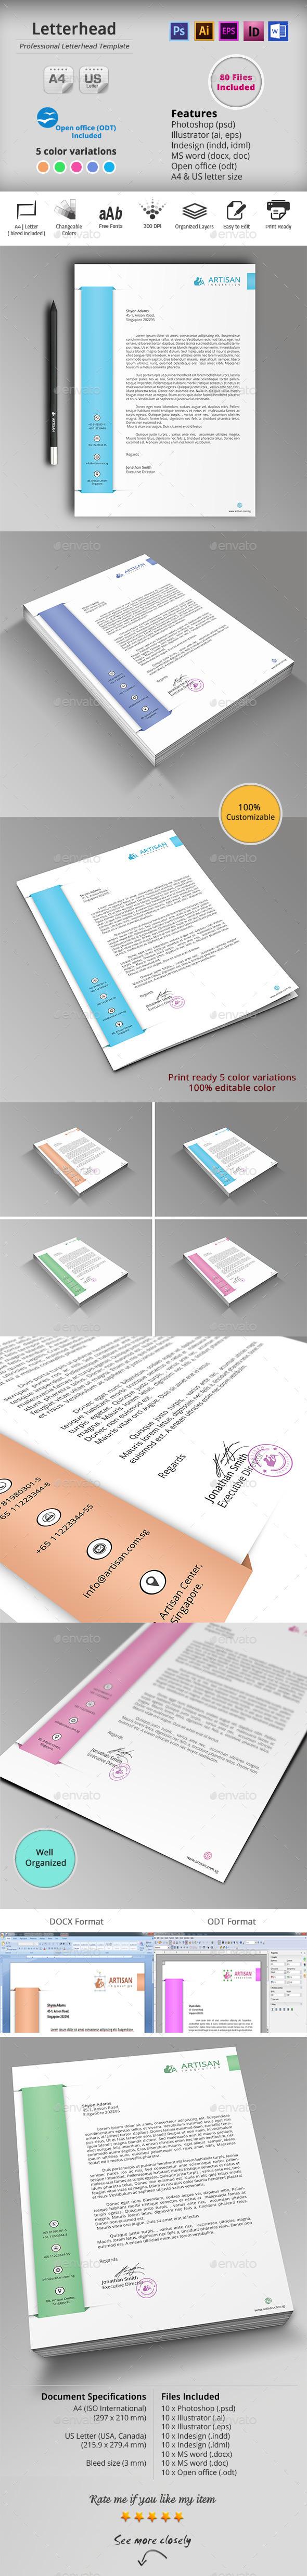 GraphicRiver Letterhead 10246688